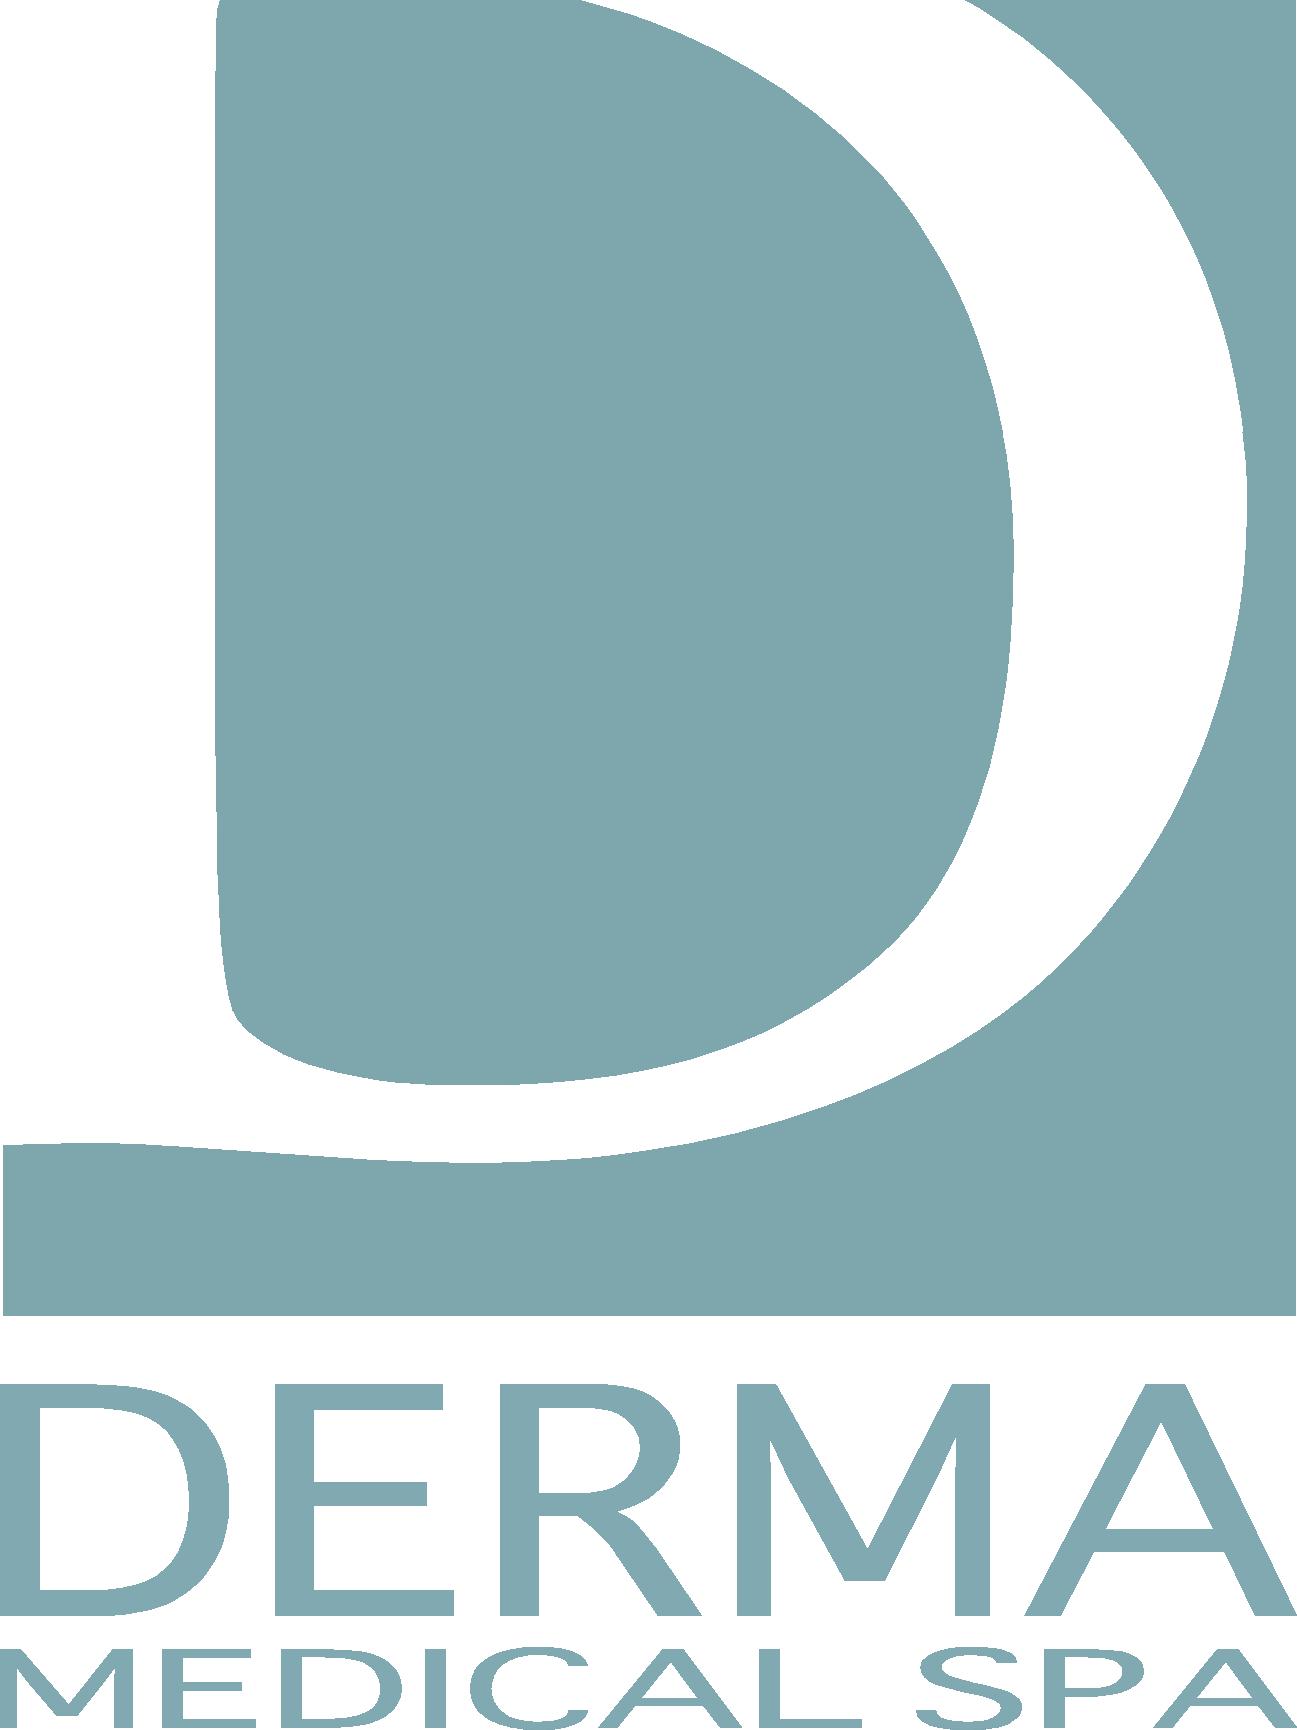 DERMA (1).png